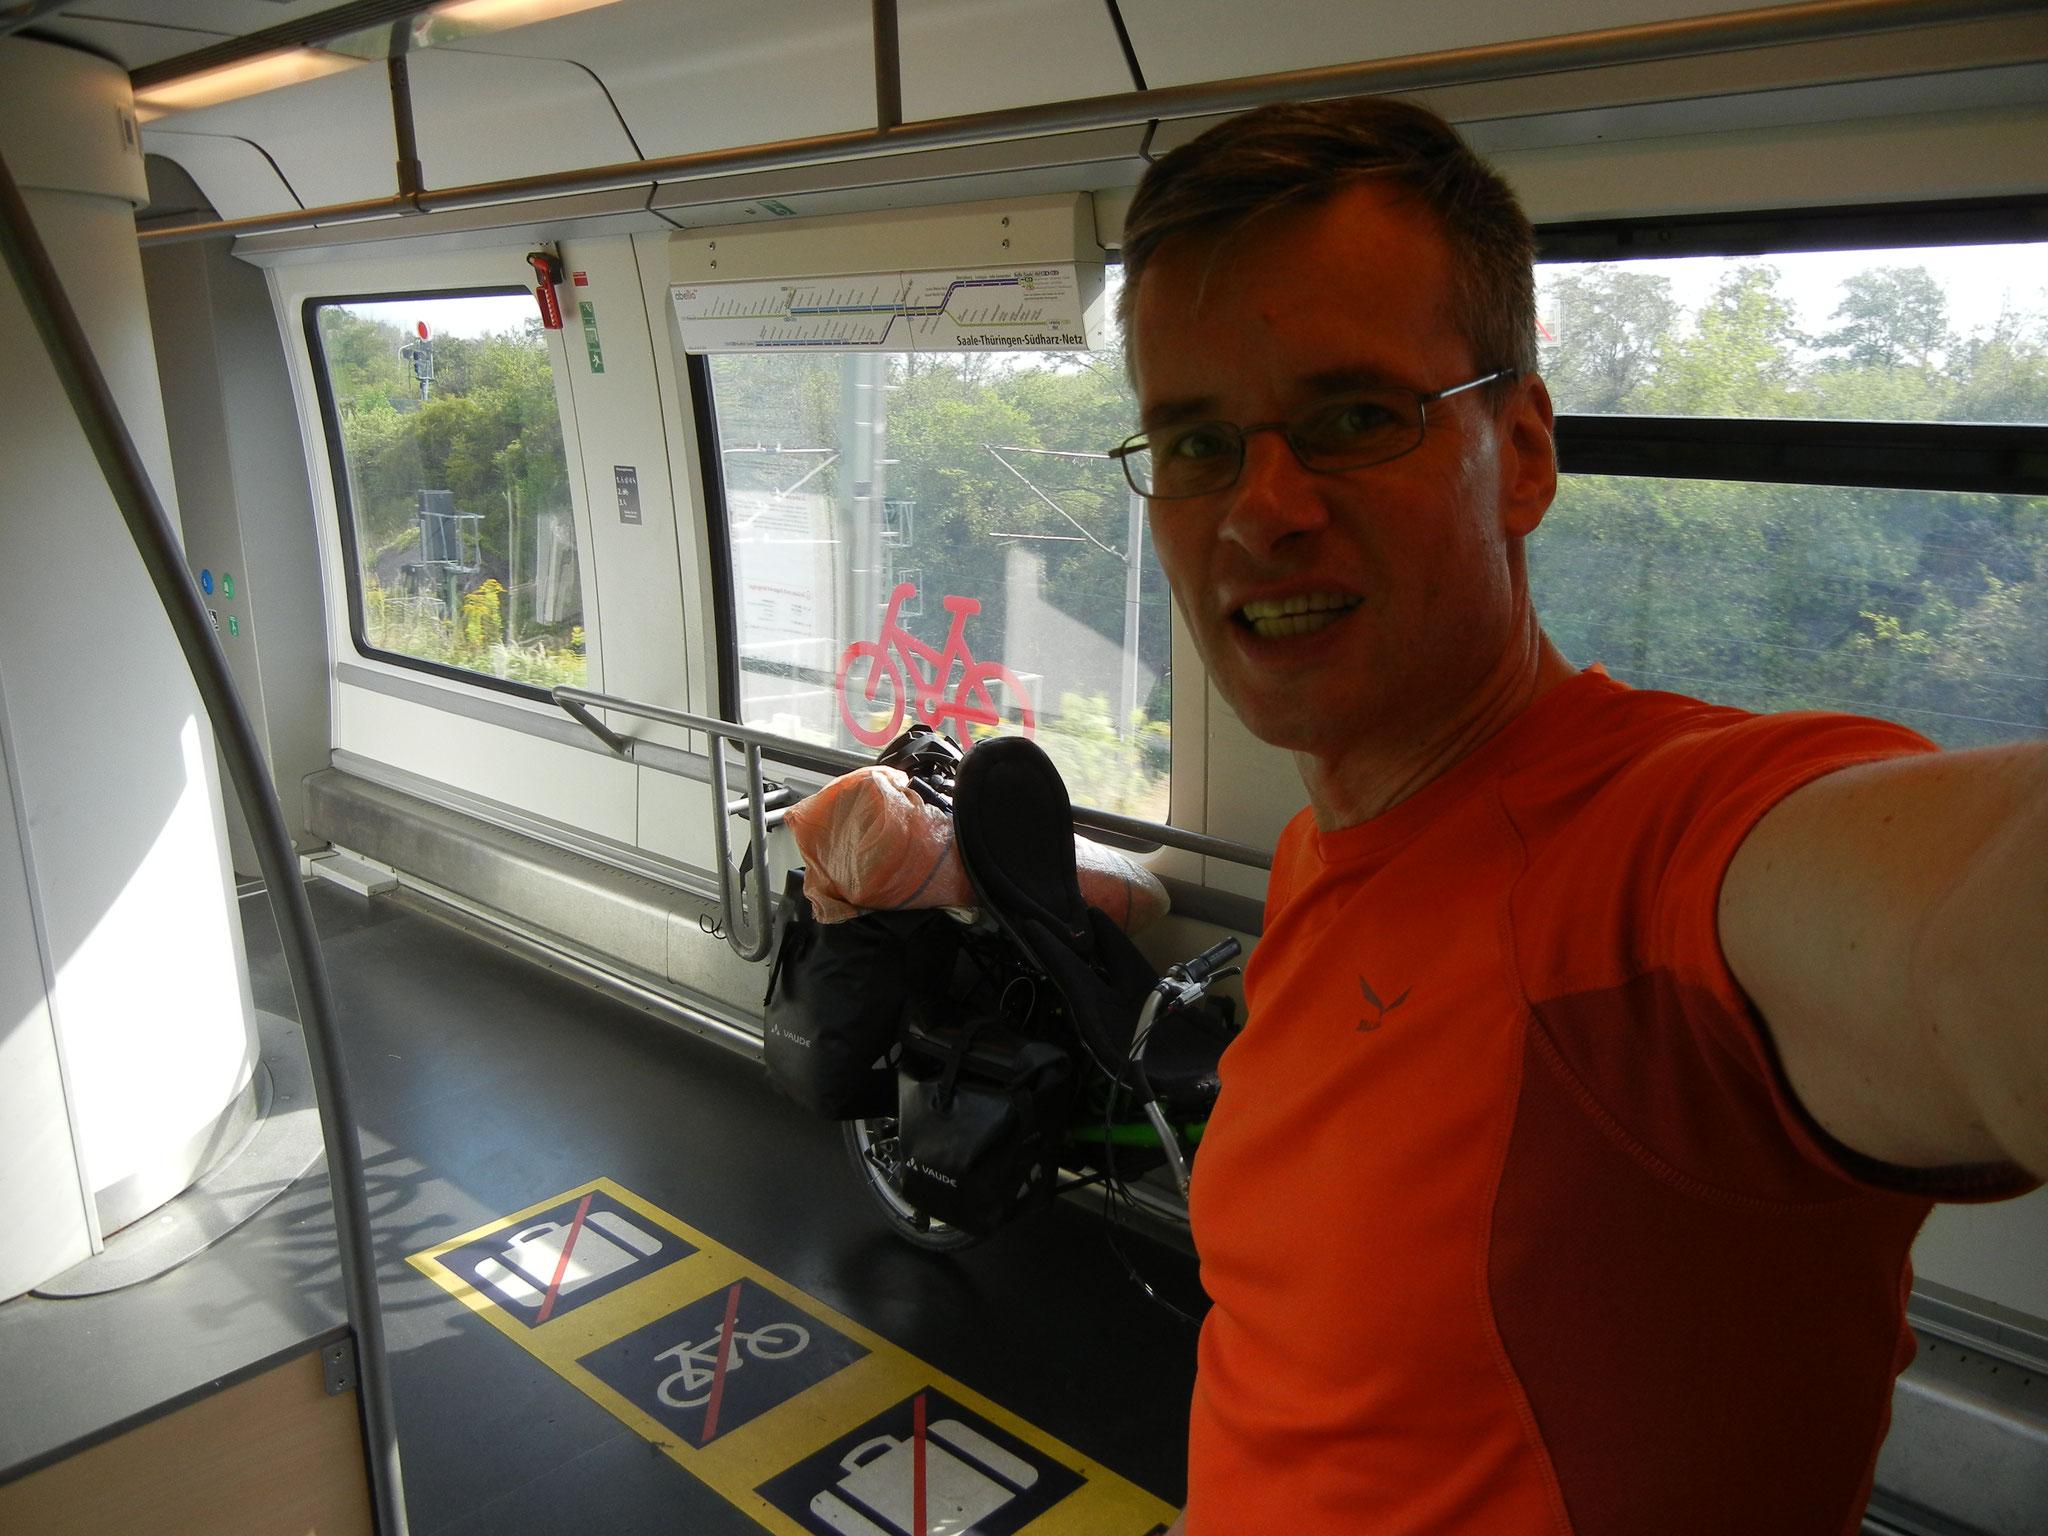 Die Anreise erfolgt öko logisch per Bahn.